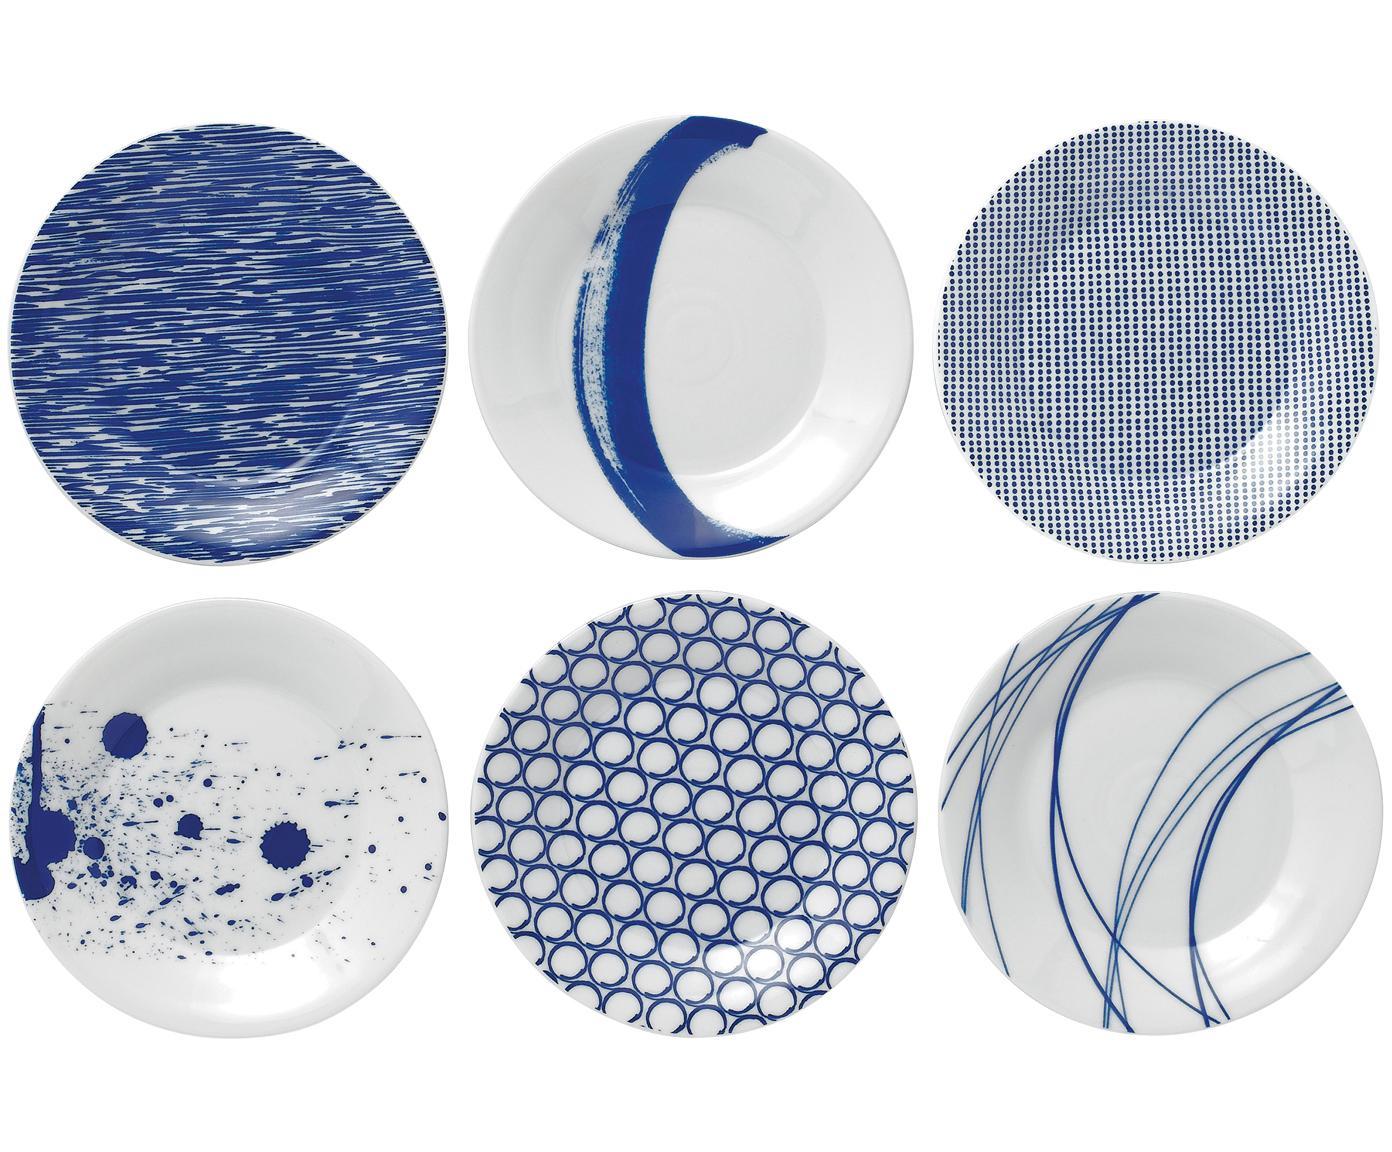 Brotteller-Set Pacific, 6-tlg., Porzellan, Weiß, Pazifikblau, Ø 16 cm